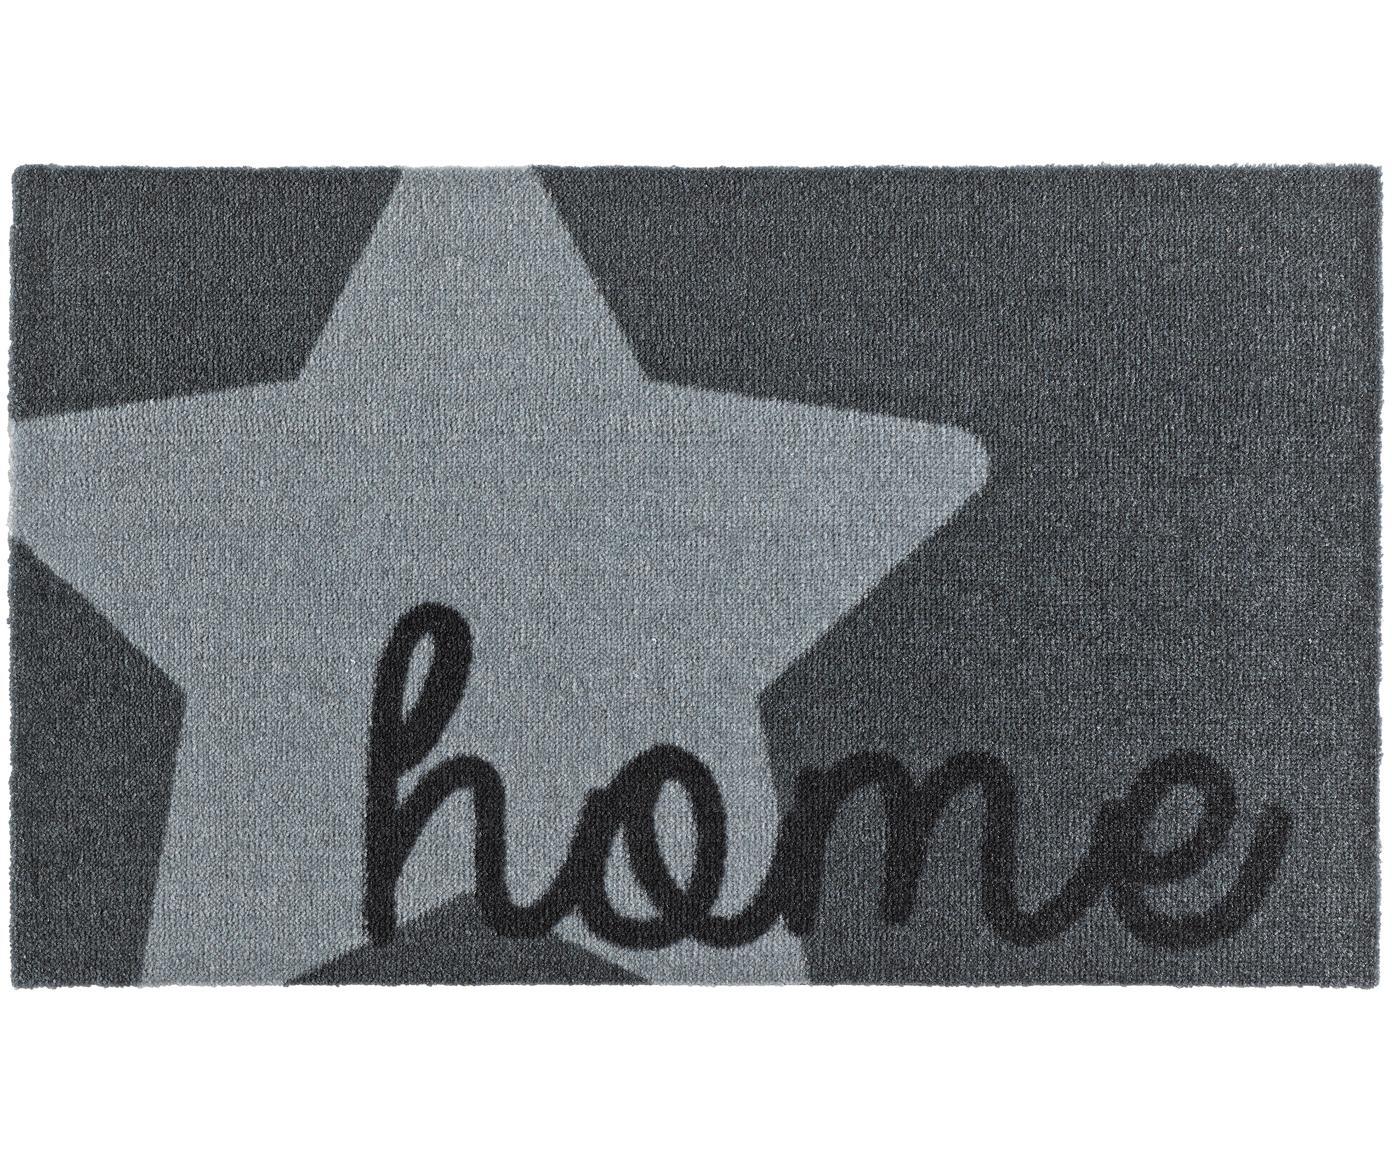 Polyamid-Fußmatte Home, Oberseite: 100% Polyamid, Unterseite: PVC, Grautöne, 50 x 70 cm